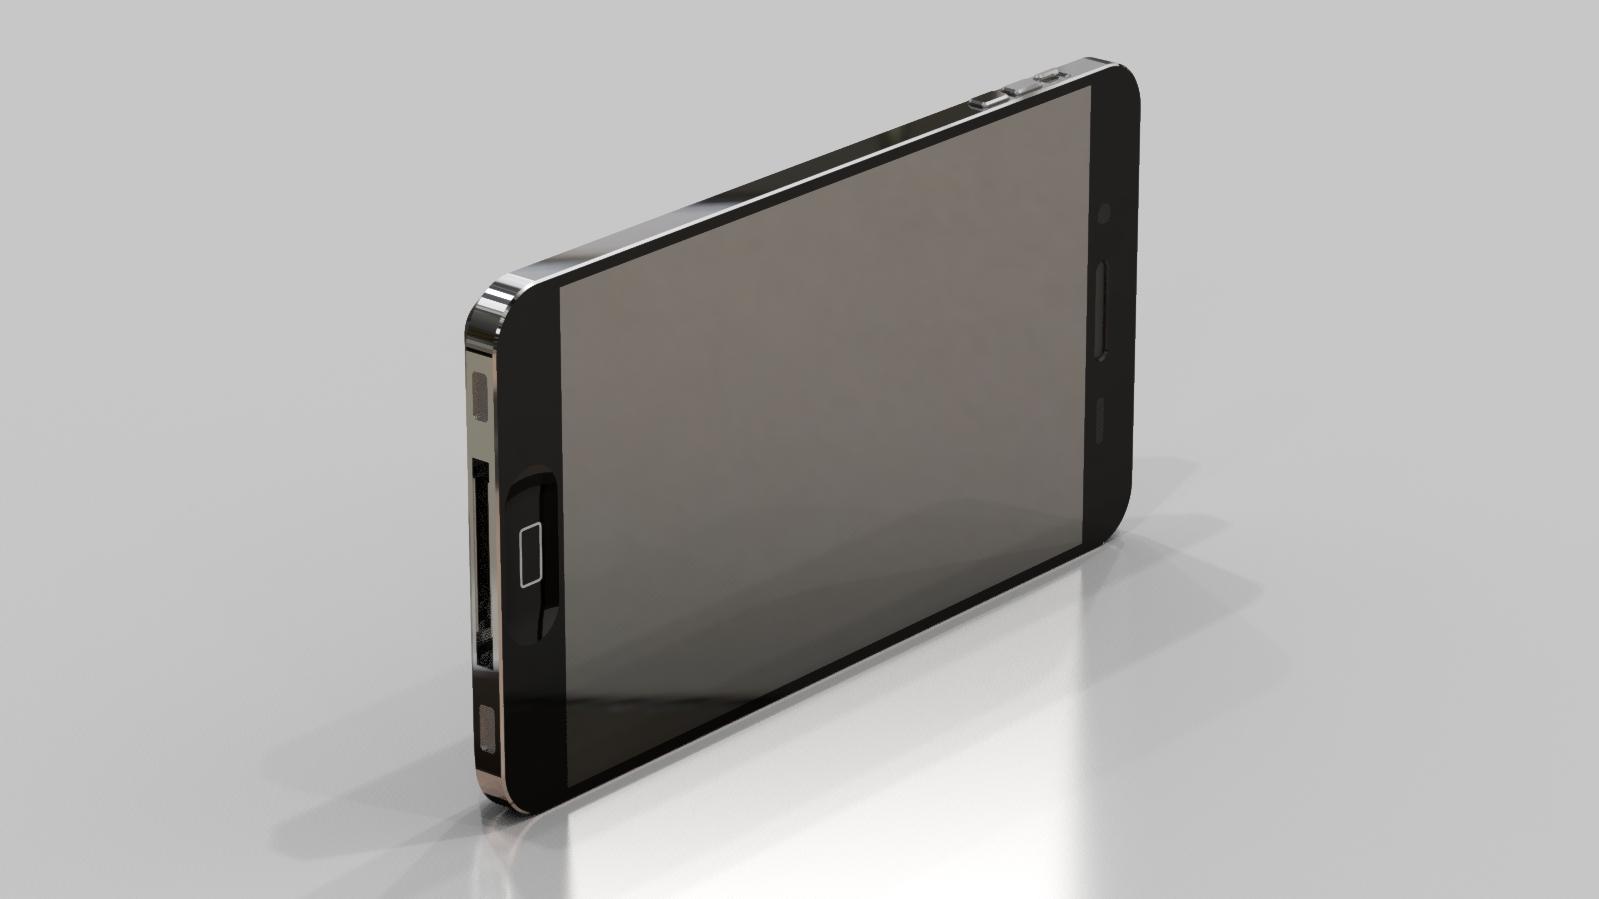 coil iphone5-6 11.jpg